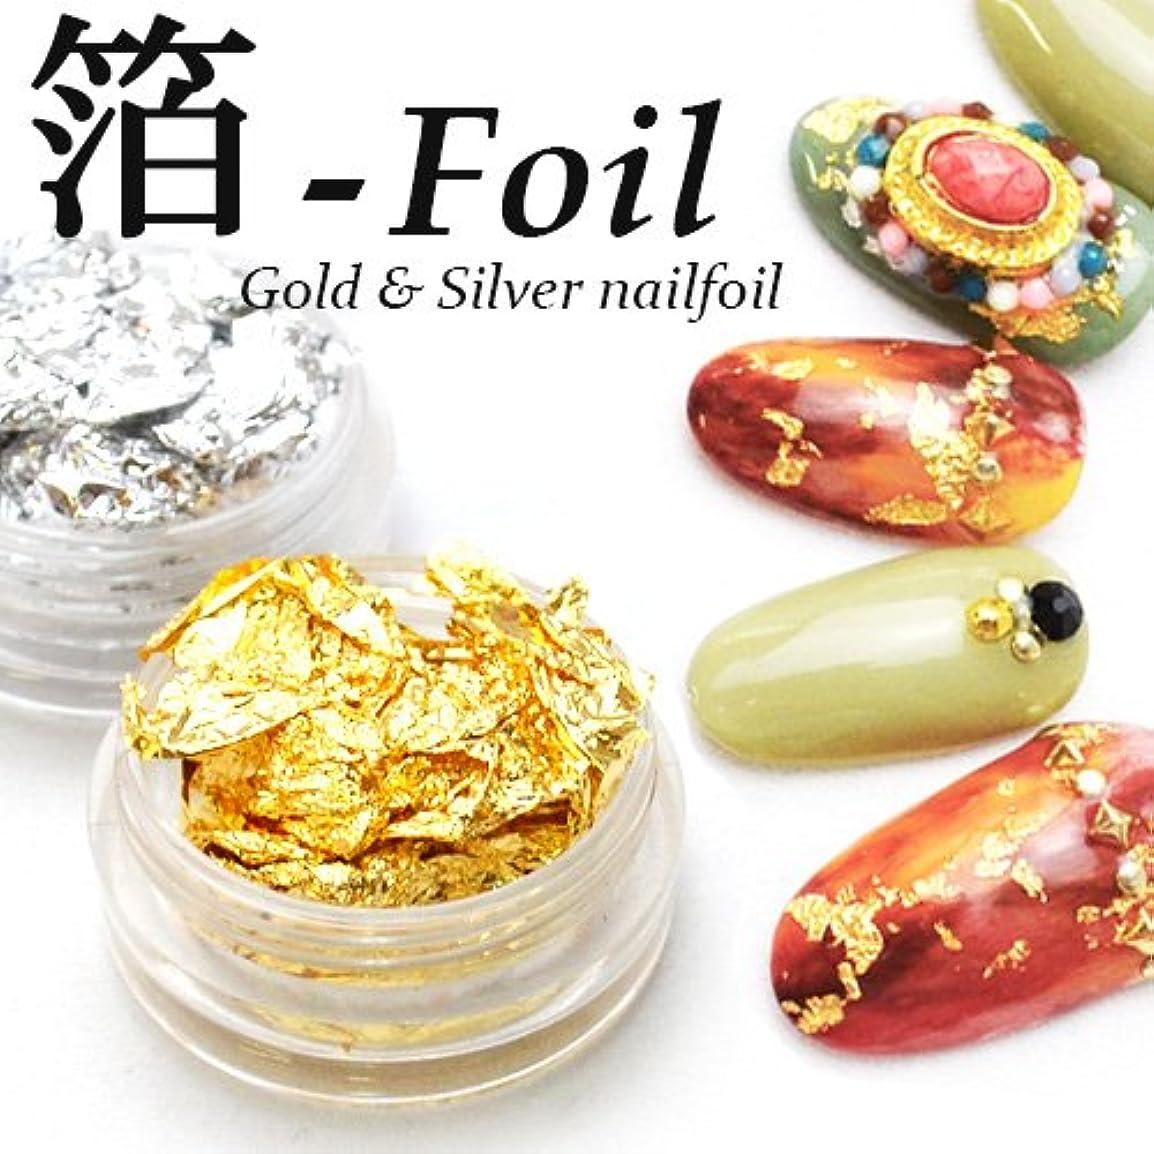 放棄されたモチーフ名義で金箔 ケース入り ジェルネイル用品 ゴールド